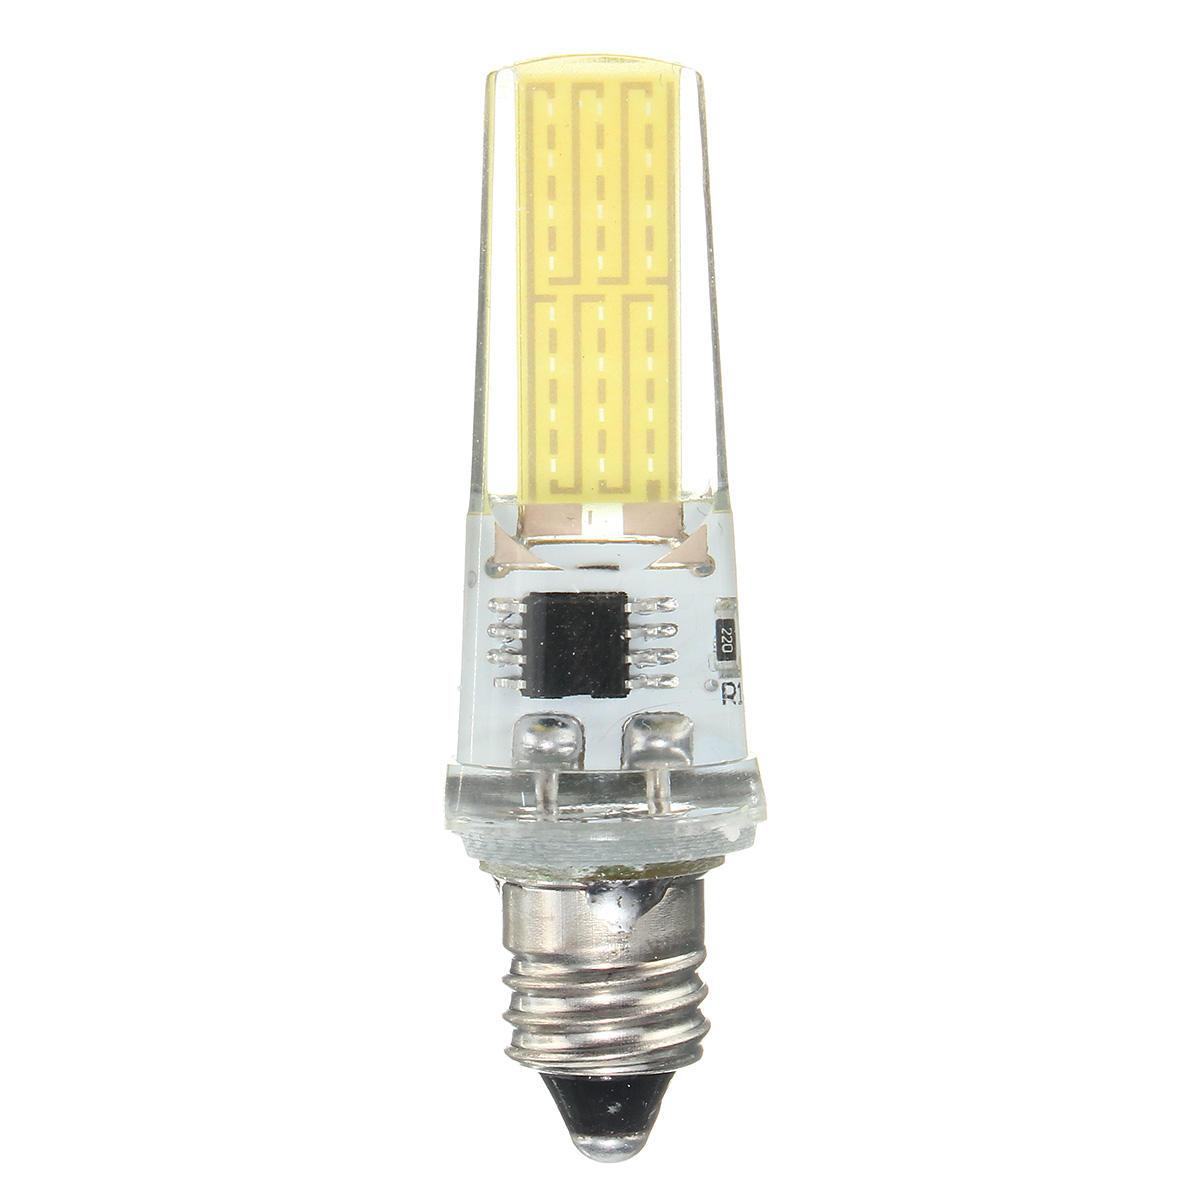 Dimmable E11 E12 E14 E17 G4 G8 G9 BA15D 2.5W LED COB Silicone Pure White Warm White Light Bulb 110V - 6